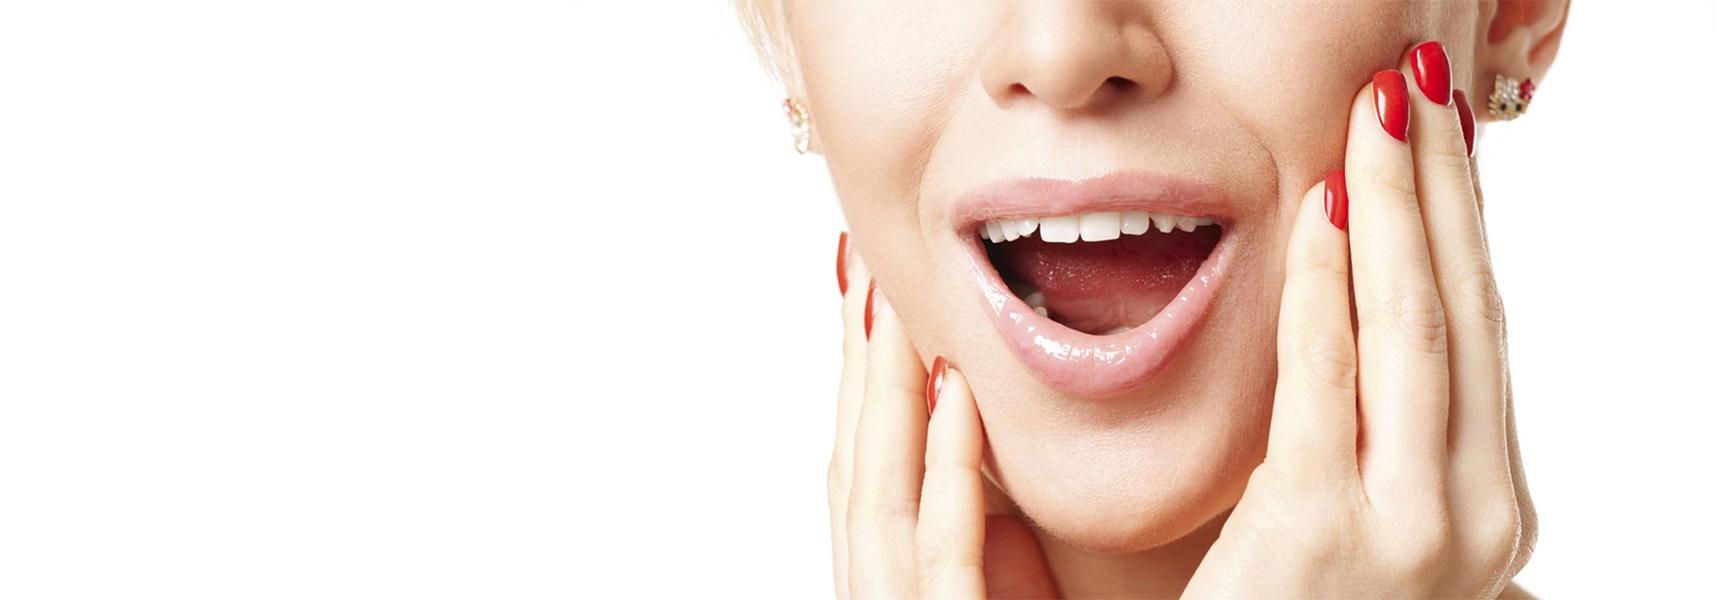 dentista_reggiolo_gnatologia